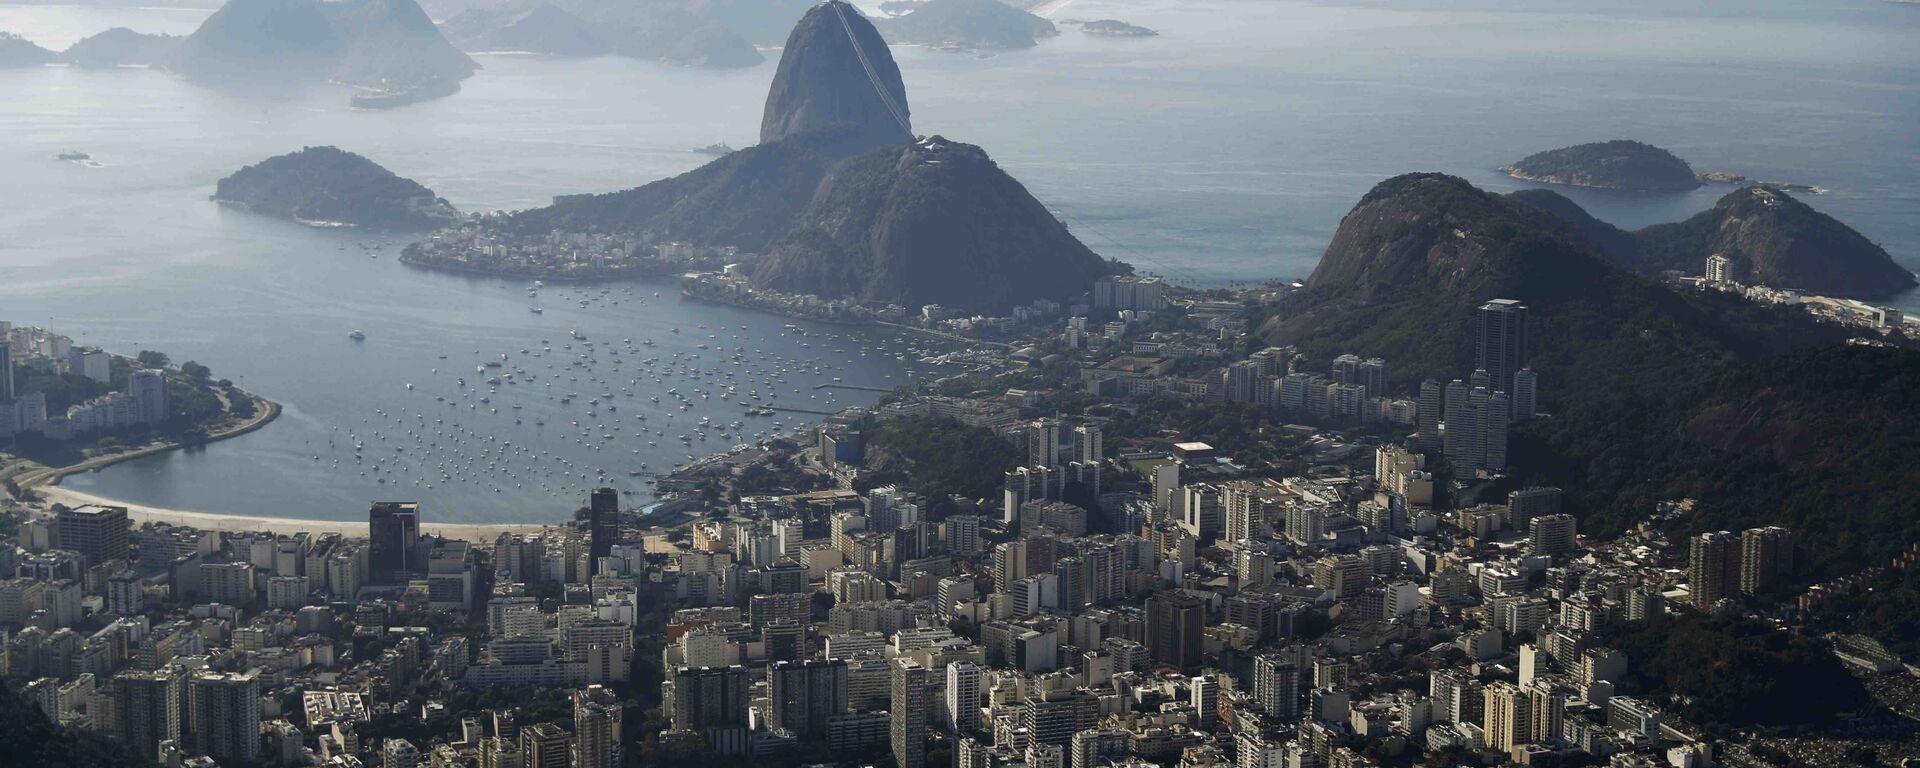 Río de Janeiro, Brasil - Sputnik Mundo, 1920, 22.03.2021